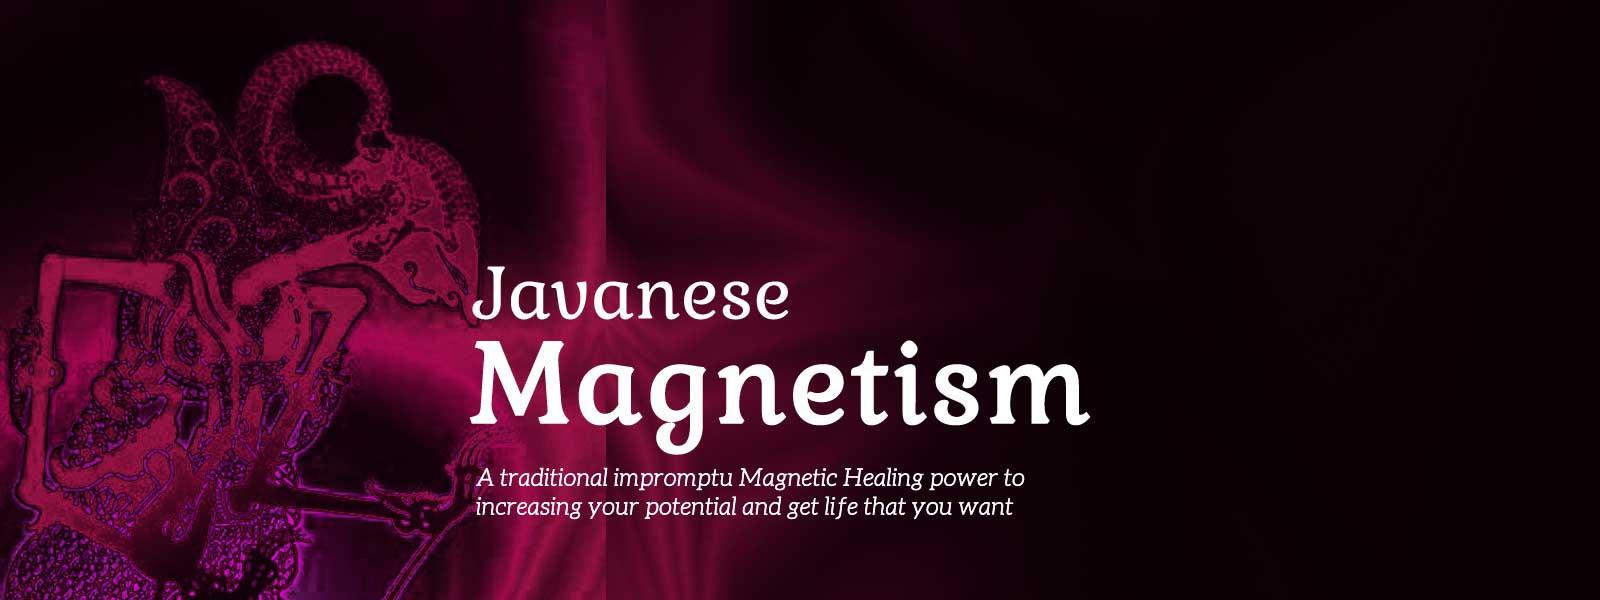 Javanese Magnetism